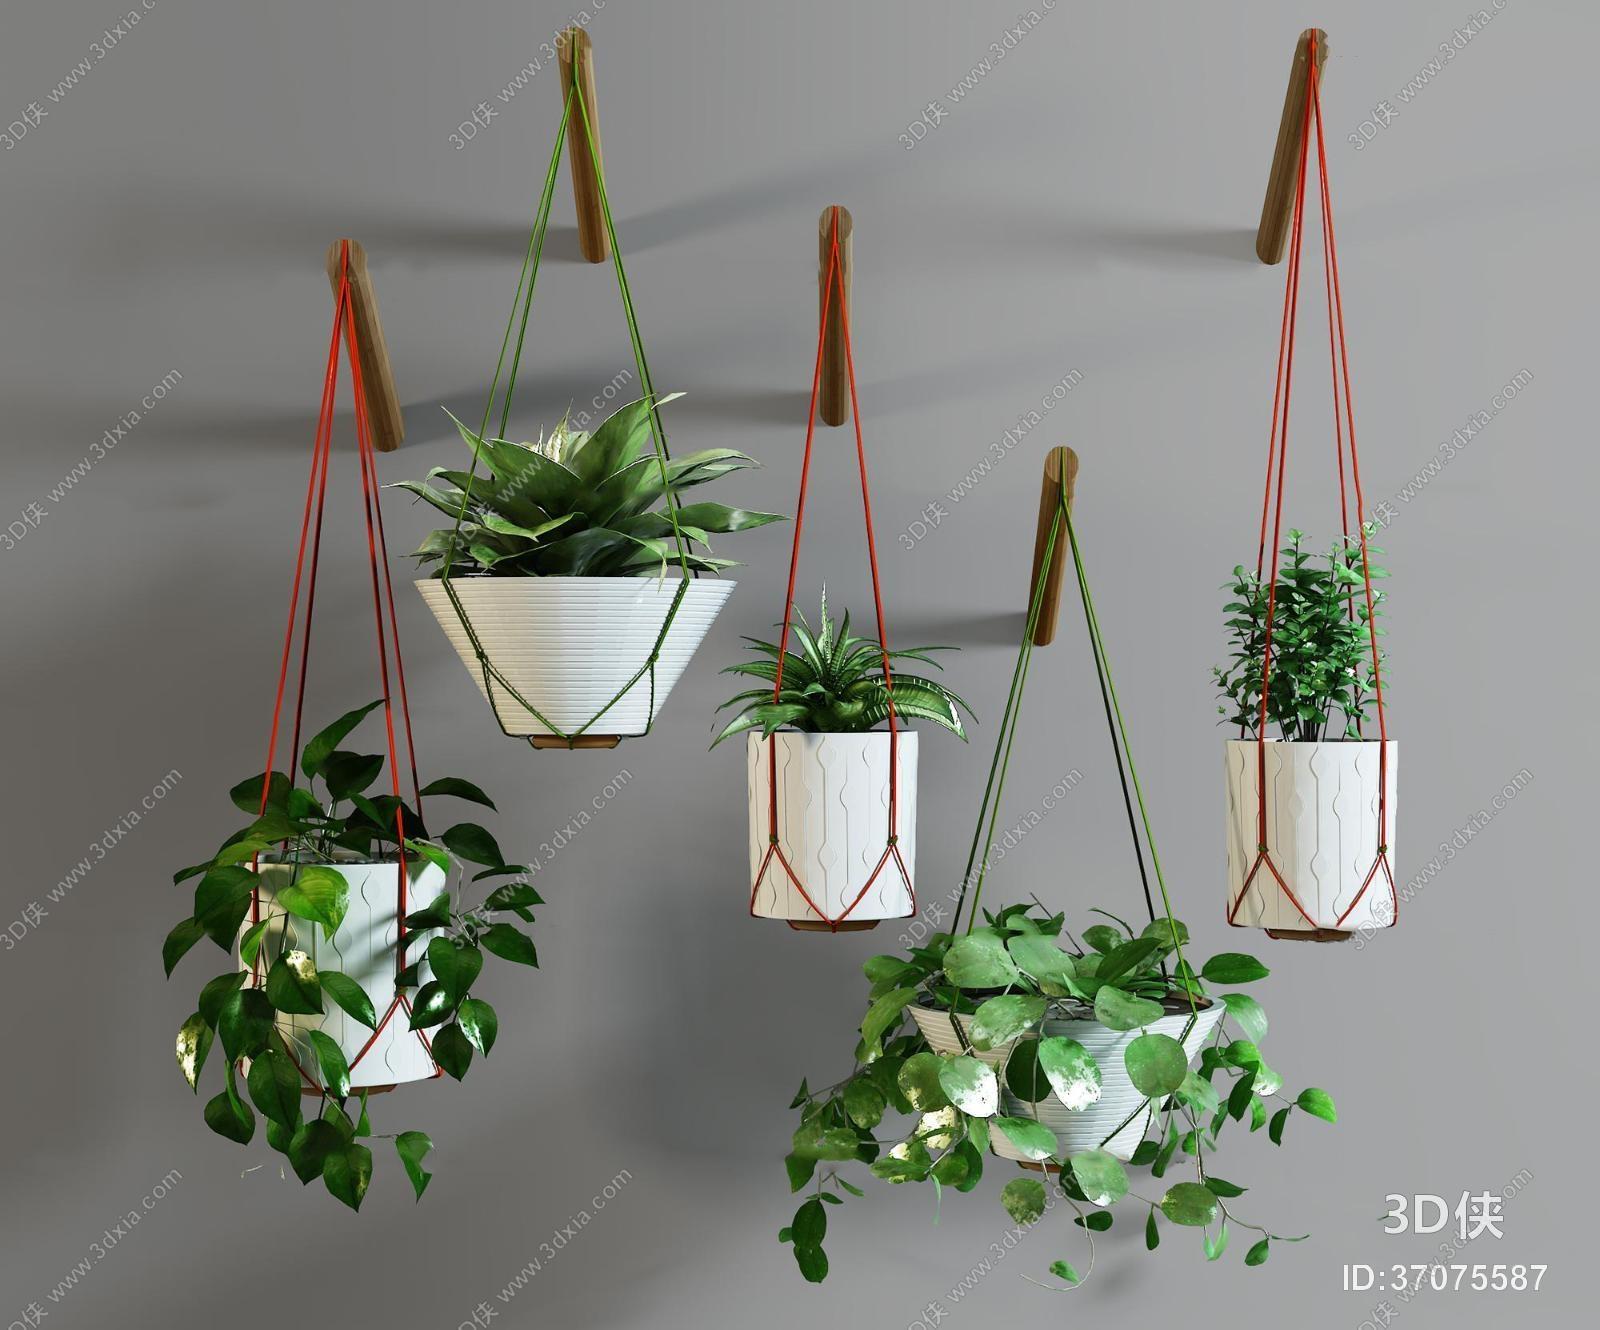 盆栽效果图素材免费下载,本作品主题是现代绿萝吊篮盆栽组合3d模型